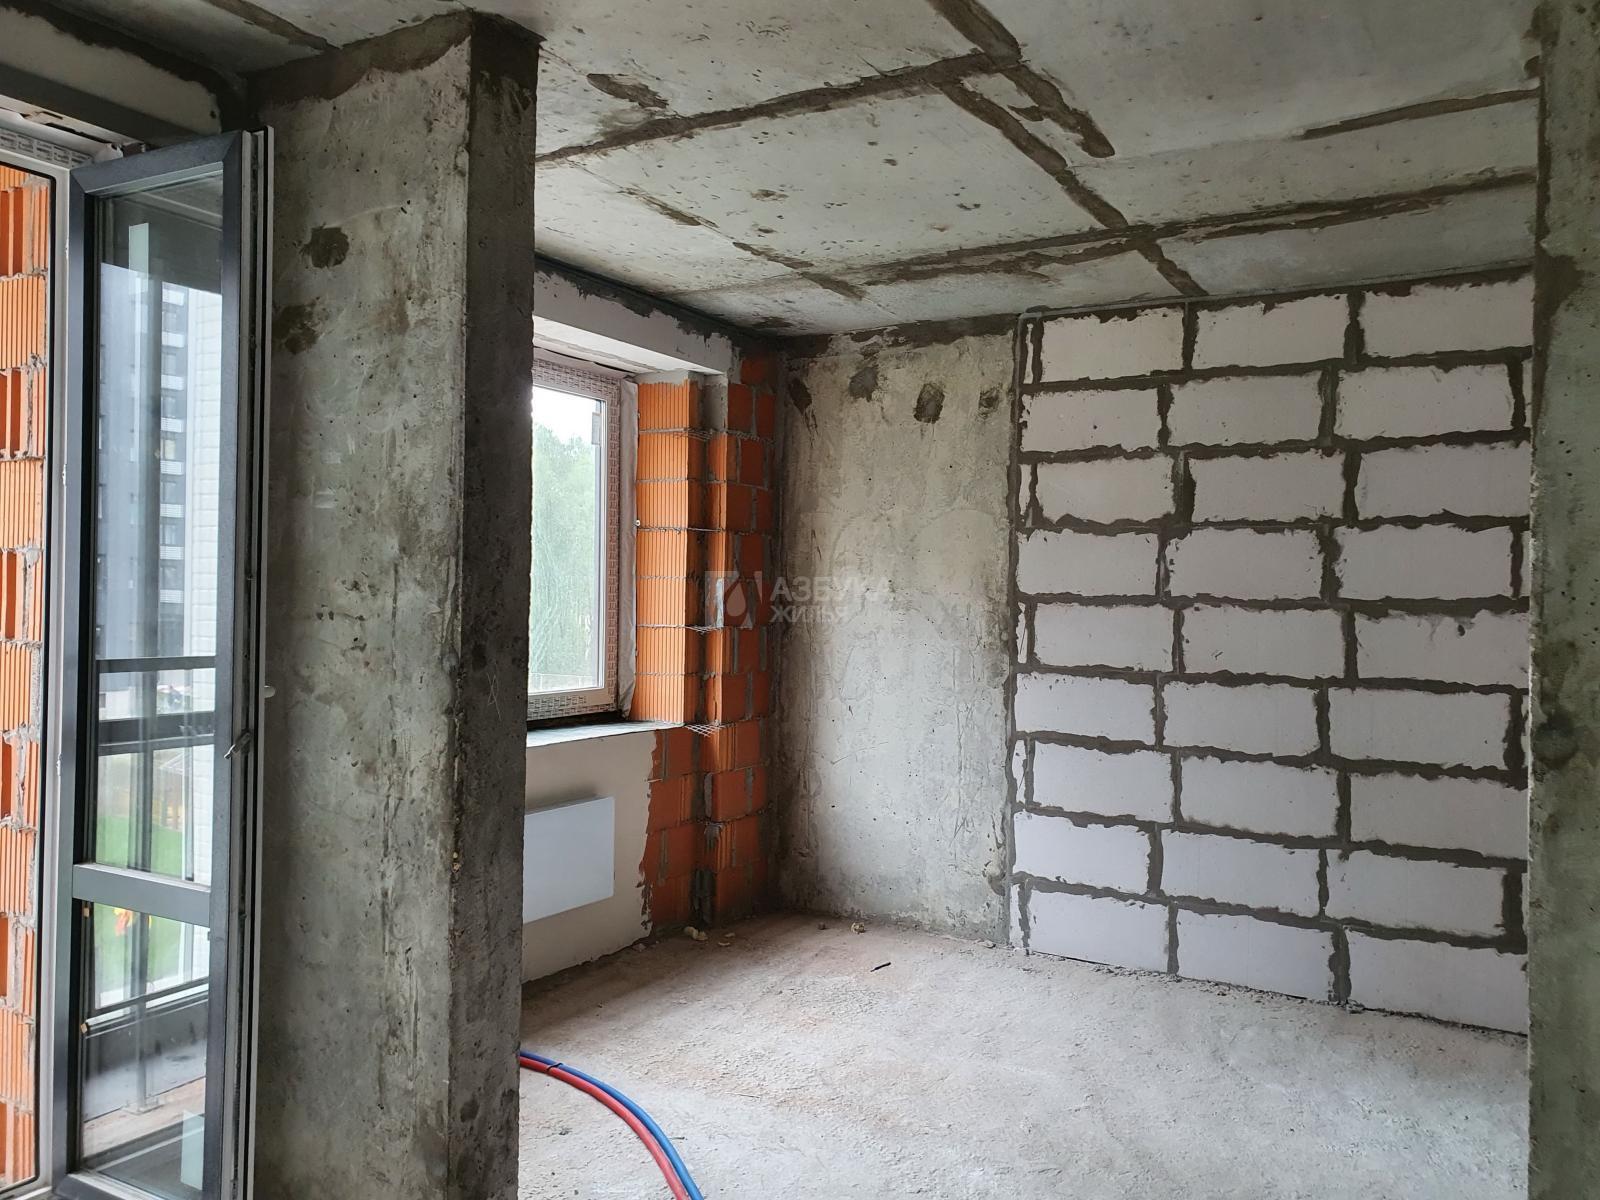 Фото №9 - 1-комнатная квартира, Москва, поселок Сосенское, Василия Ощепкова улица 3, метро Коммунарка